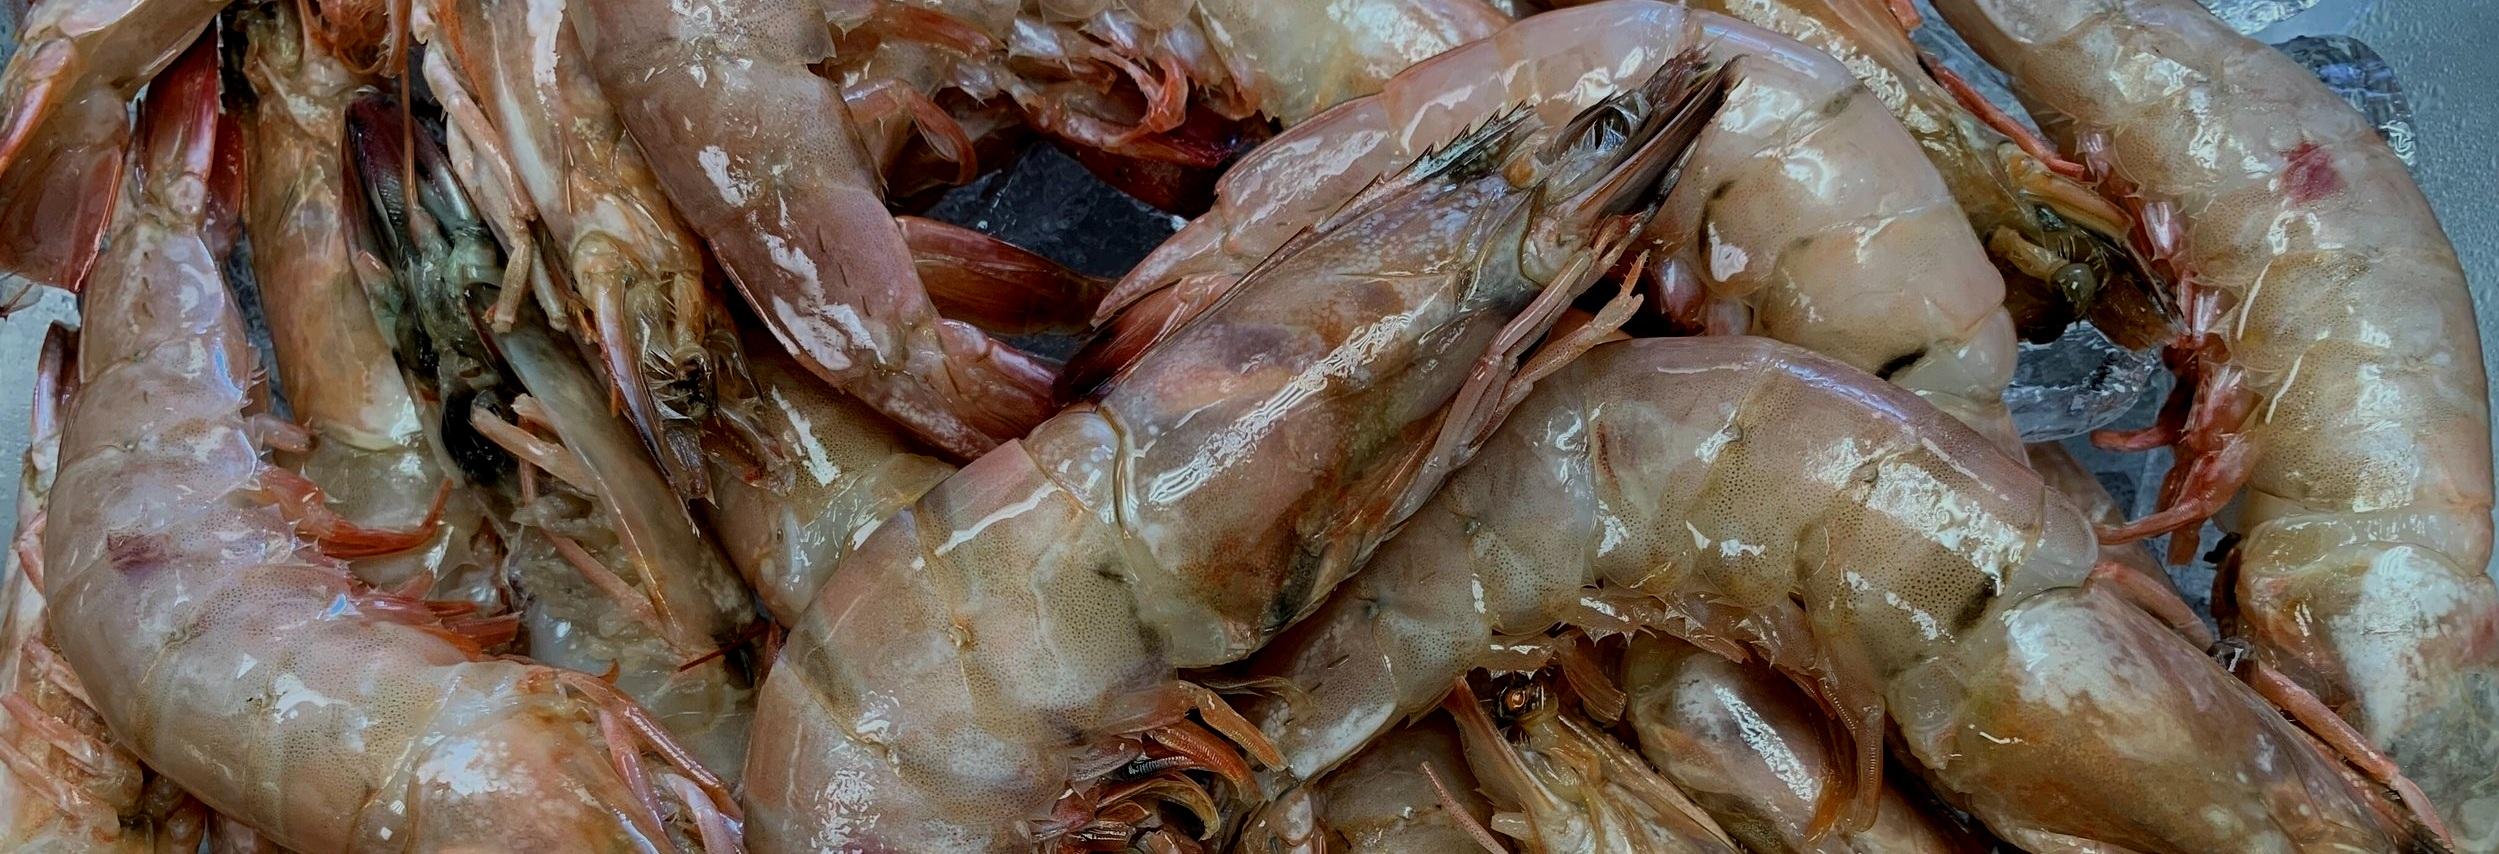 Fresh Seafood -